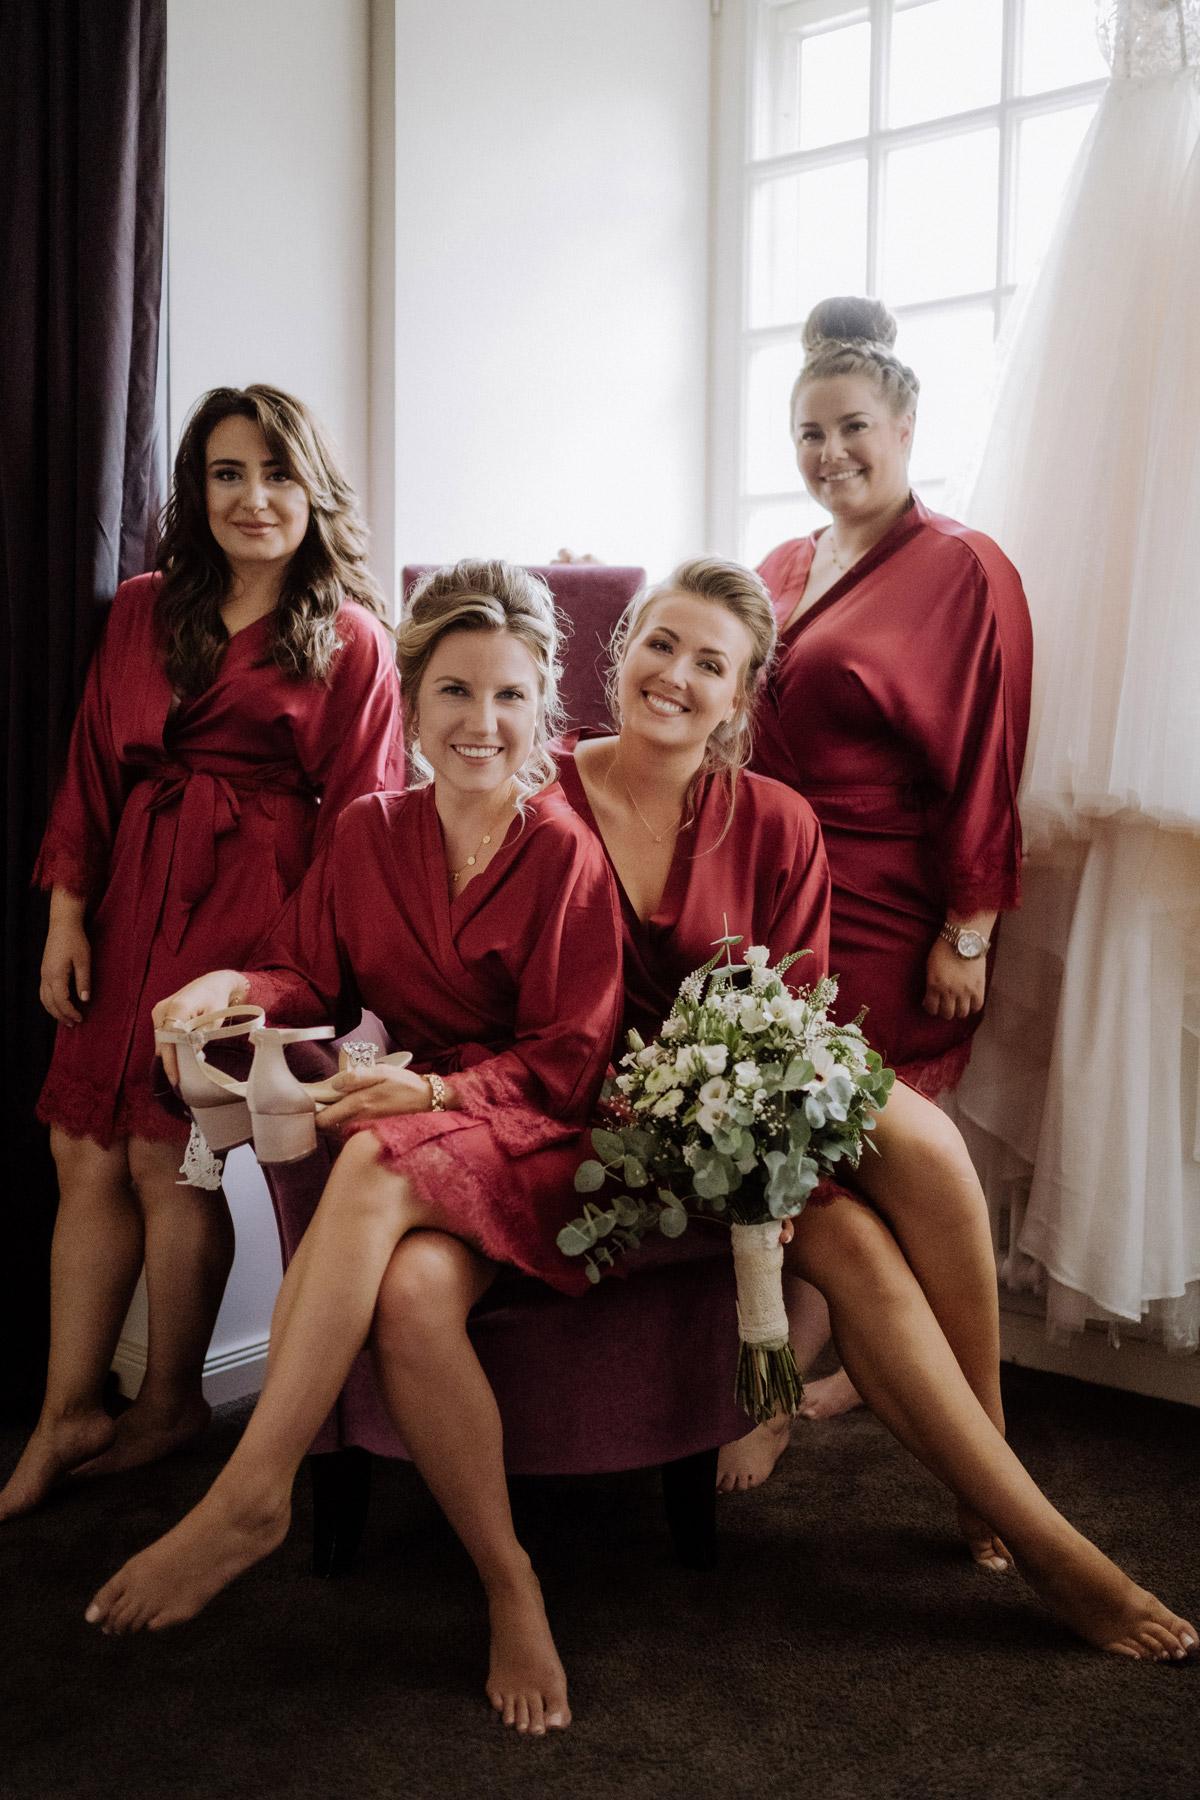 Gruppenbild von Familie, Trauzeuginnen und Bridemaids im Morgenmantel beim Ankleiden Hochzeit Shooting Idee von vintage Hochzeitsfotograf Berlin © www.hochzeitslicht.de #hochzeitslicht #hochzeit #gruppenbild #hochzeitsshooting #idee